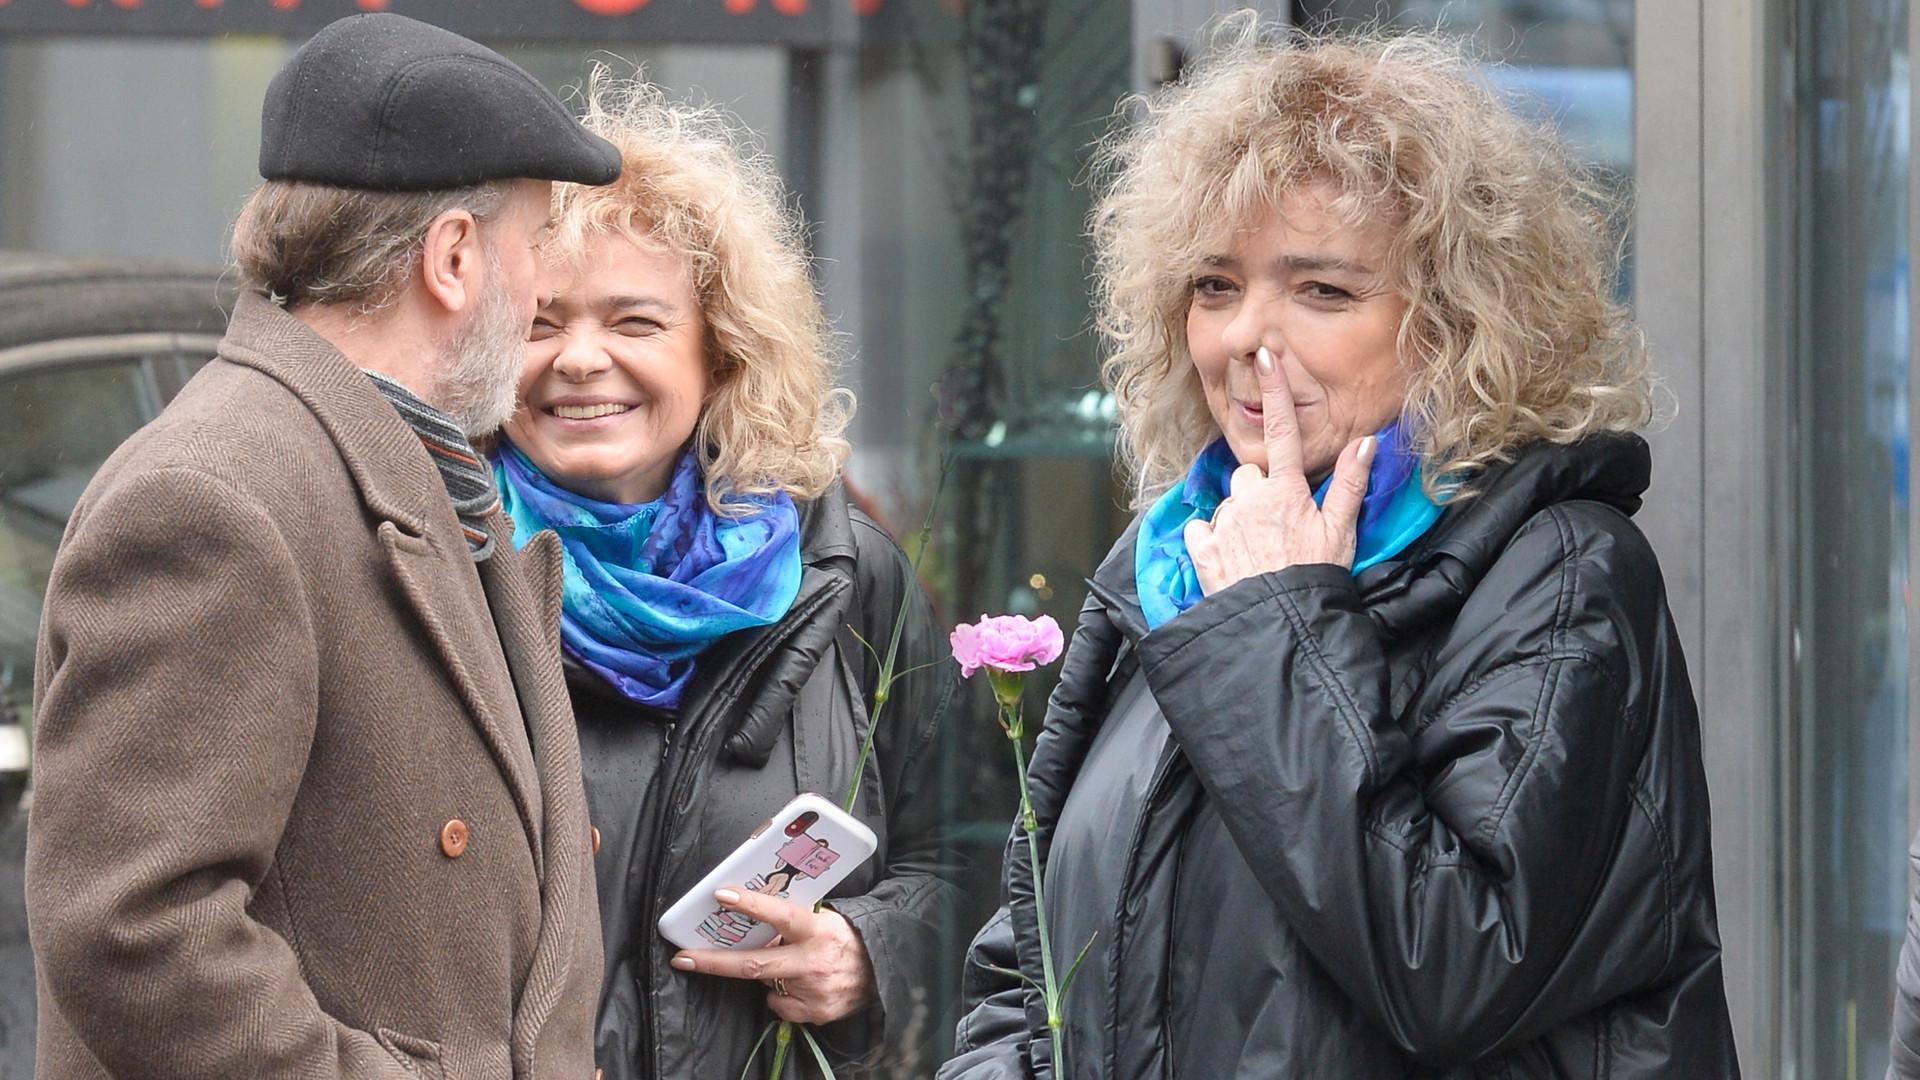 Katarzyna Grochola o mężu: Ma 16 szczoteczek do zębów, właściwie nic nas nie łączy